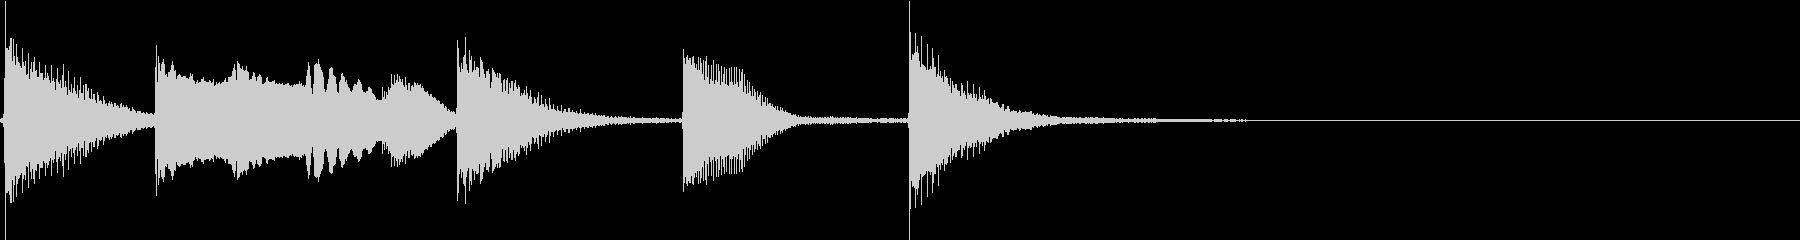 明るく かわいいピアノサウンドロゴ04の未再生の波形